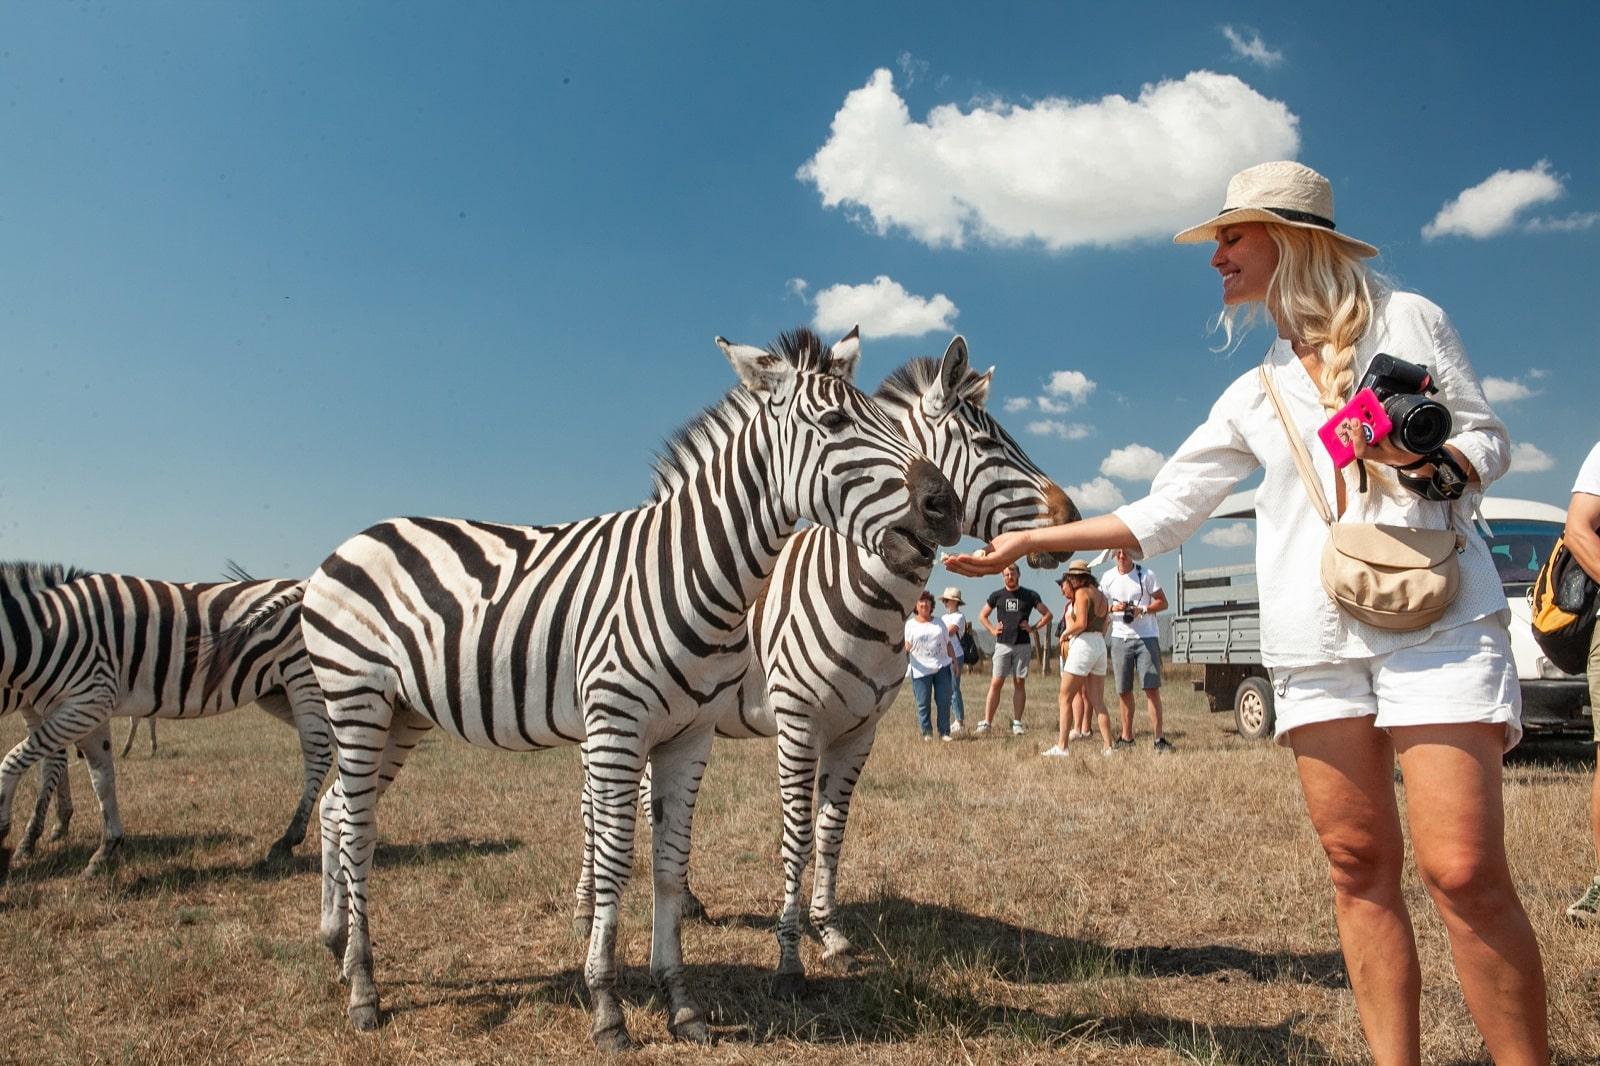 Зебри та туристка